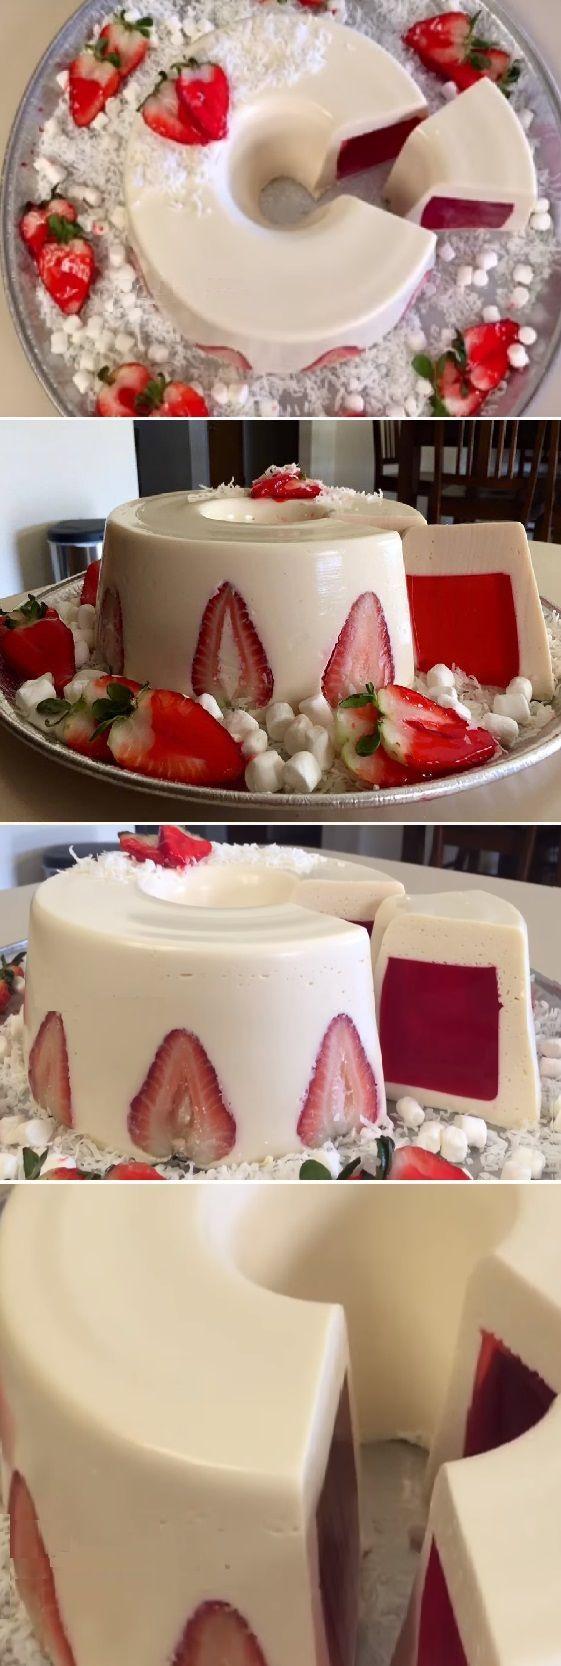 """Gelatina de 3 leches con Yogurt natural y fresa """" By Creaciones Prin. #gelato #gelatina #receta #recipe #nestlecocina Les comparto una gelatina que a la mayoria le encanta pero no sabe como se hace … """" Si te gusta dinos HOLA y dale a Me Gusta MIREN …"""